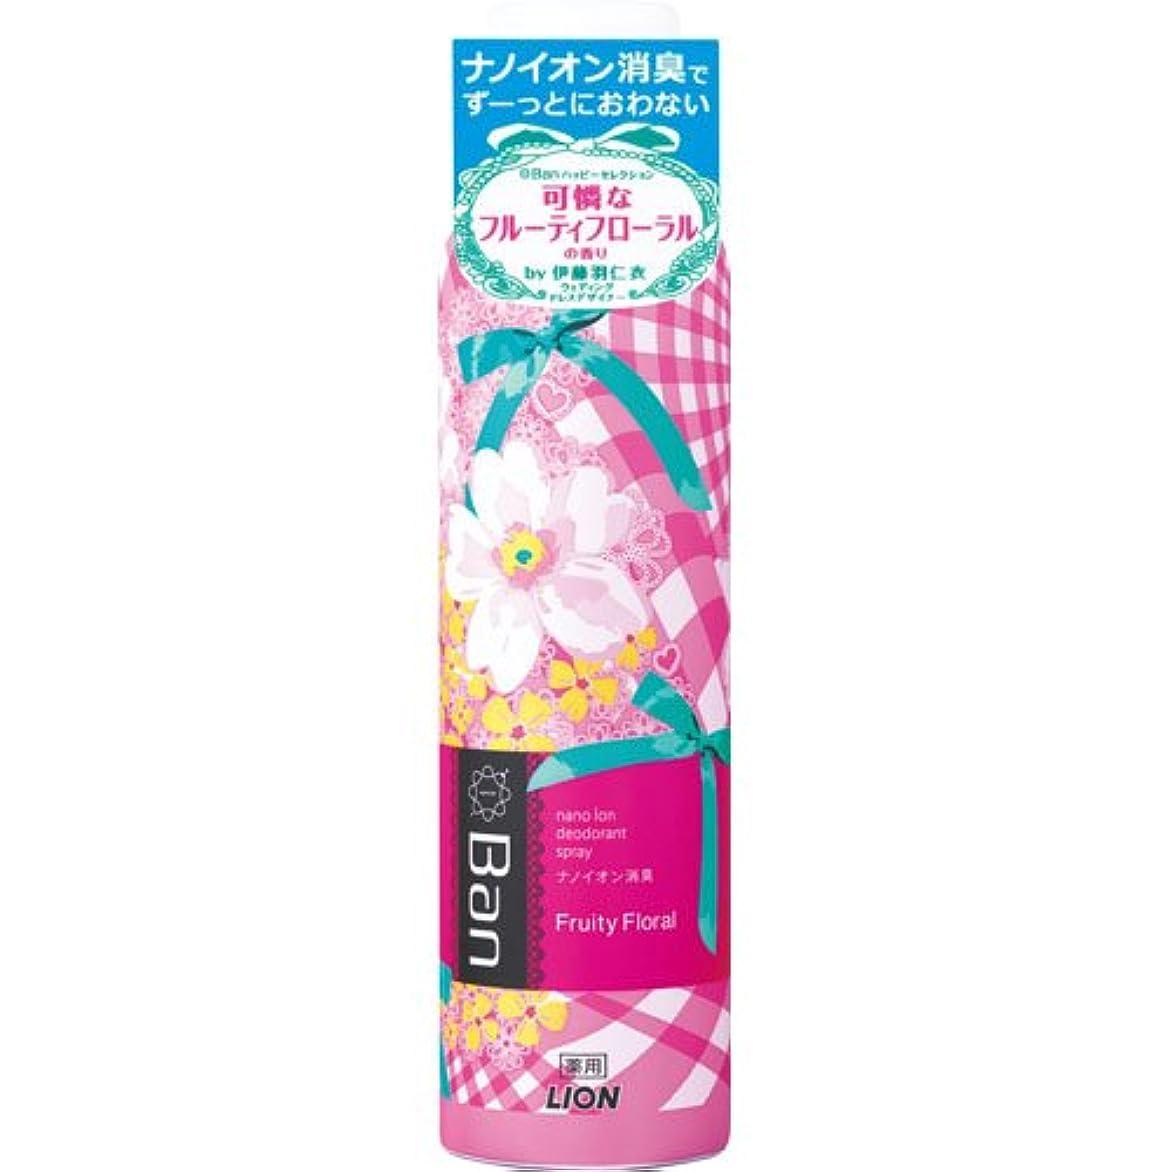 嘆願ソフトウェア母Ban デオドラントパウダースプレー 可憐なフルーティフローラルの香り 特大 135g (医薬部外品)